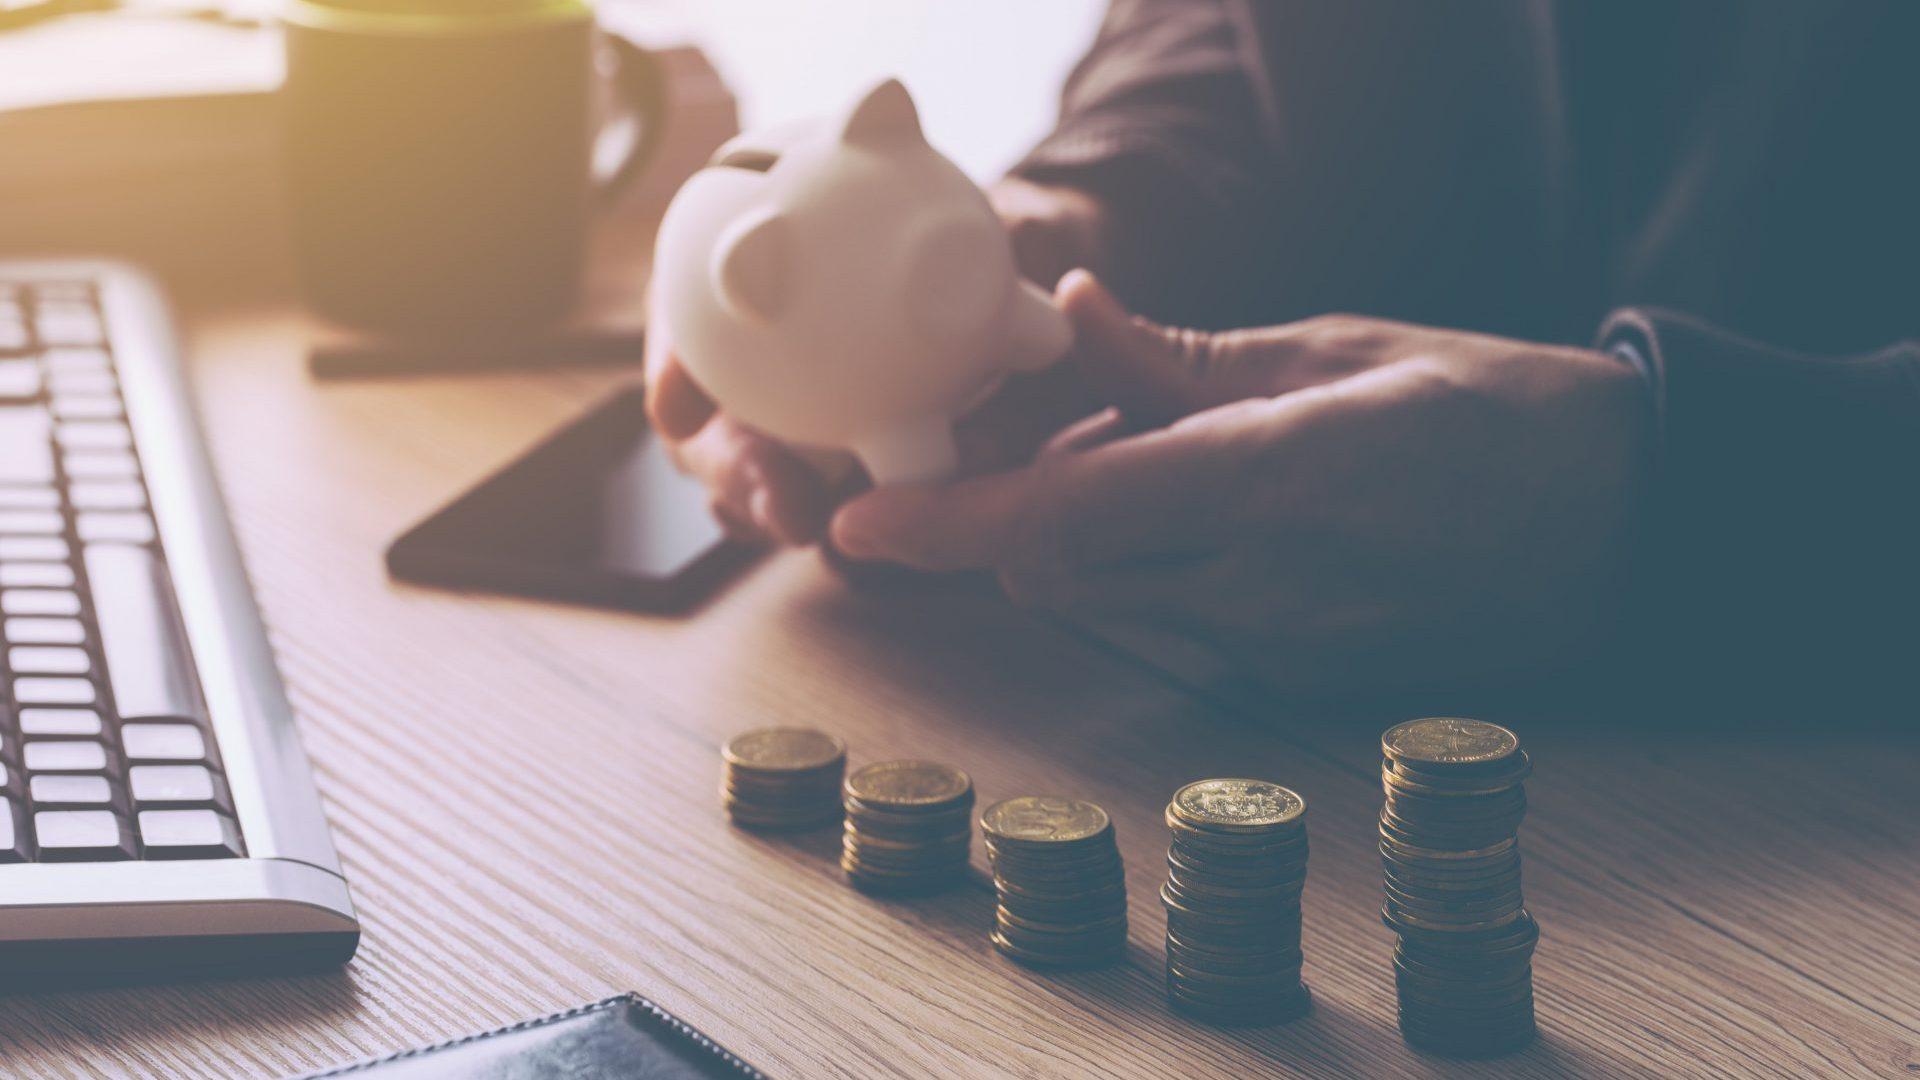 Строки сплати податкових зобов'язань, податковий борг та його наслідки